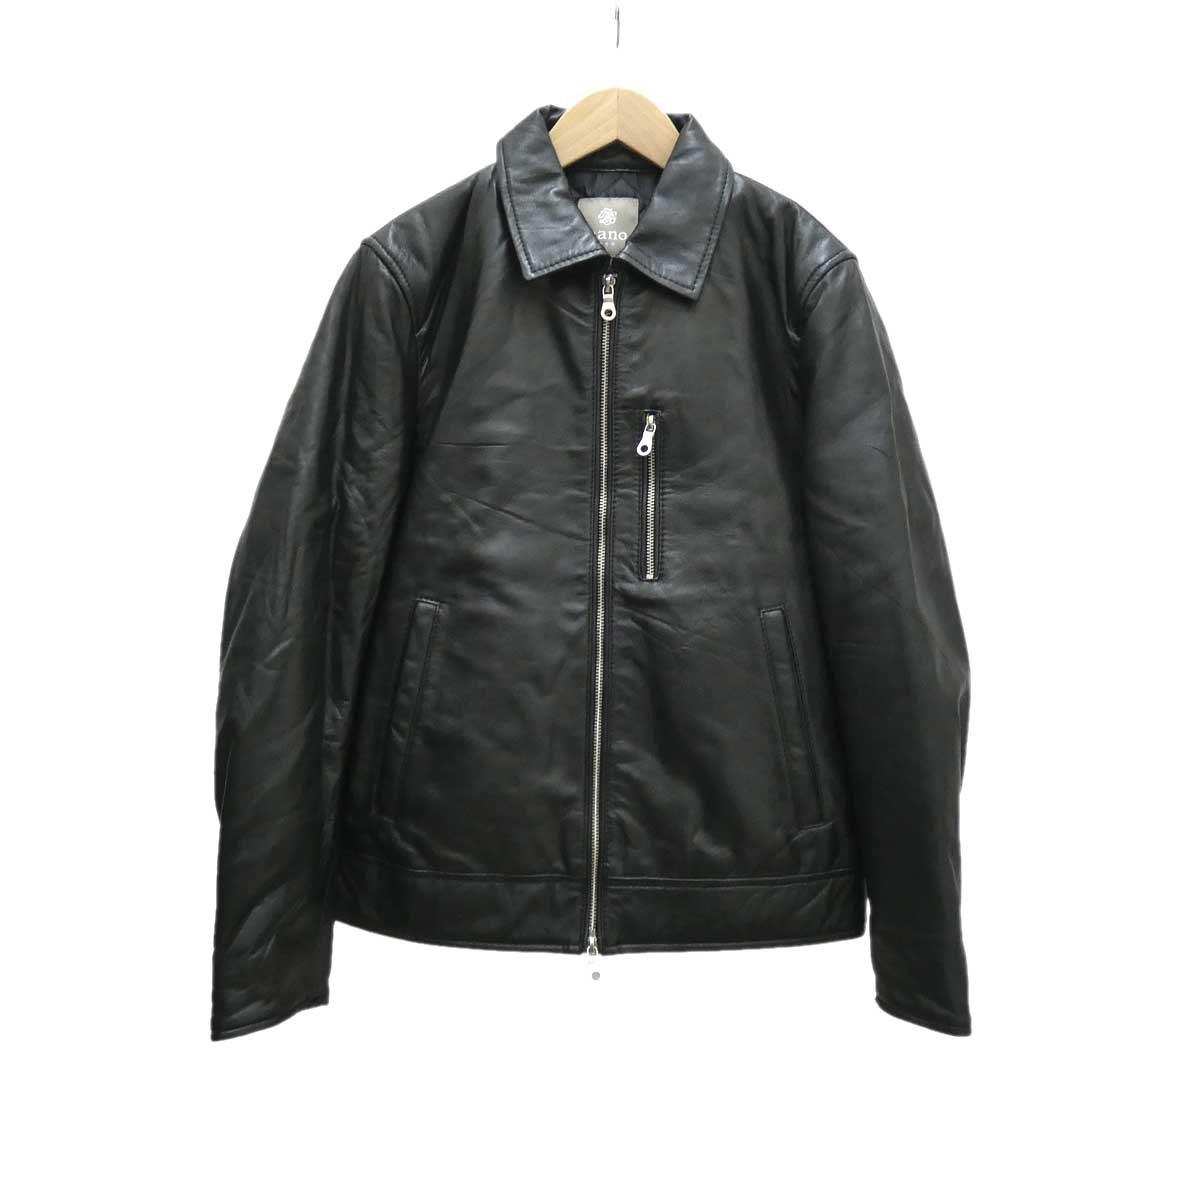 【中古】nano & co レザーシングルライダースジャケット ブラック サイズ:S 【131019】(ナノアンドコー)